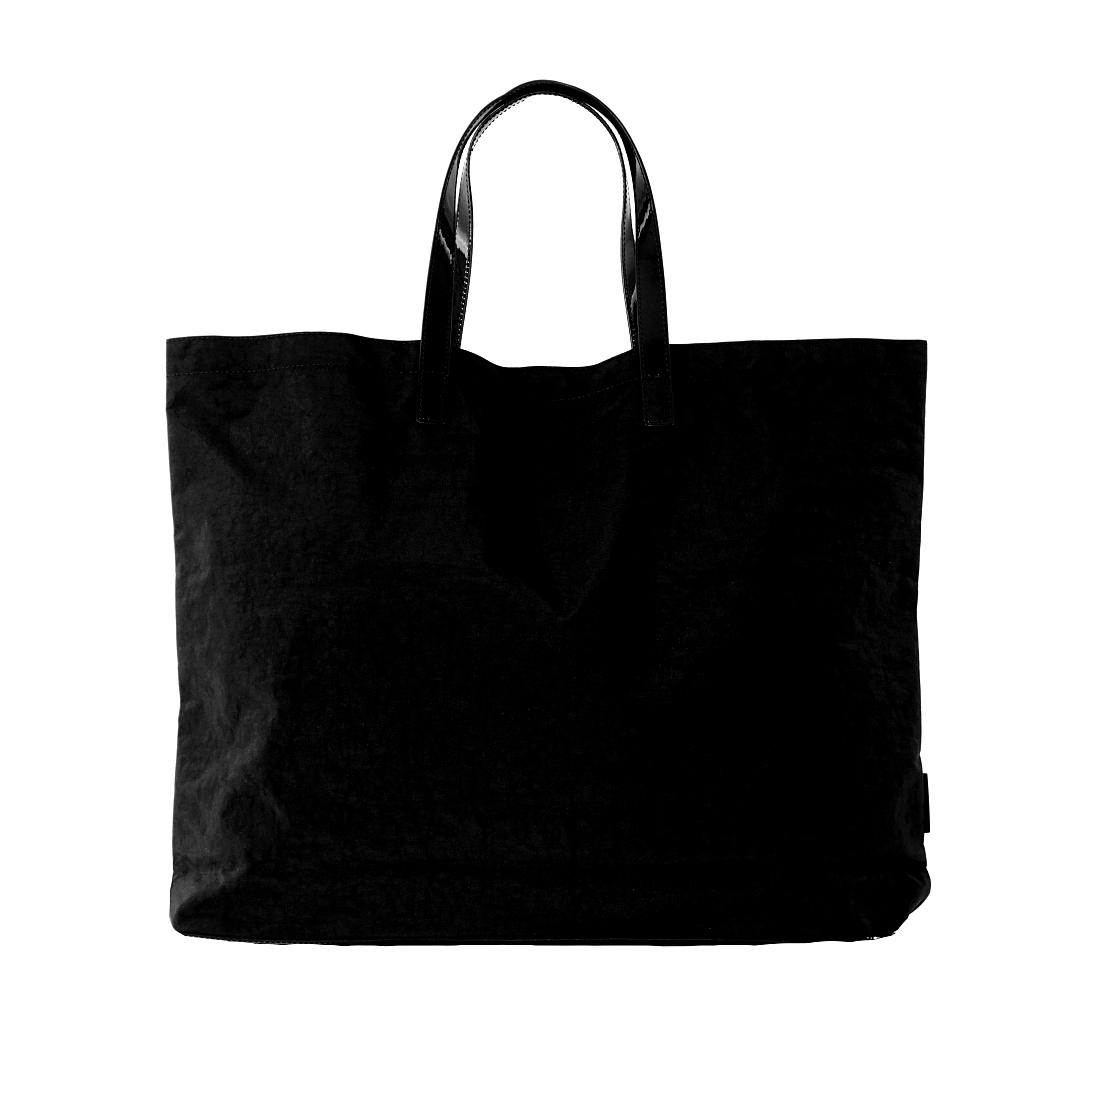 Armani Jeans Tasche Handtasche f. Damen 922552 CC861 00020 nero HW16